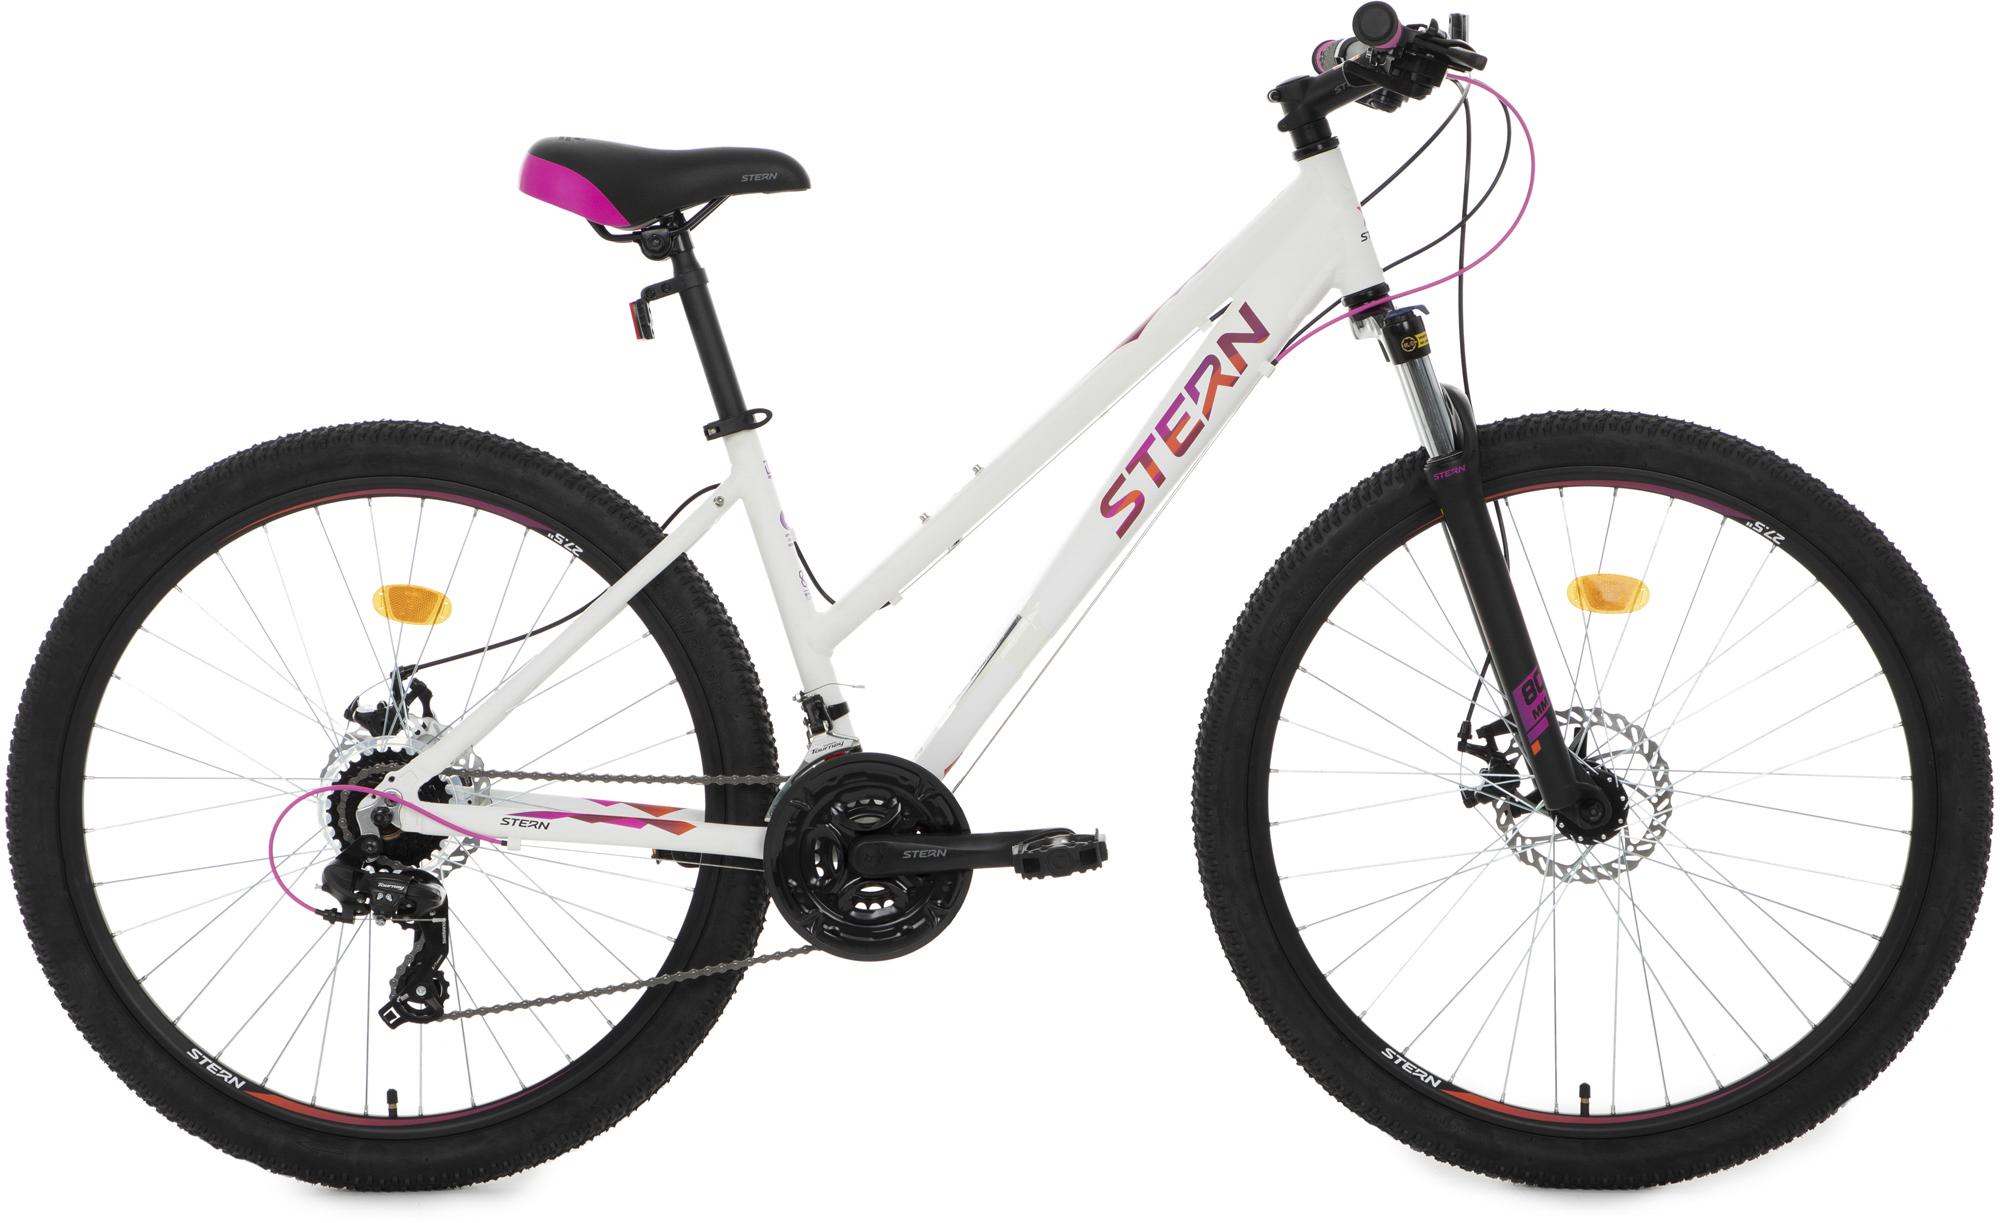 Stern Велосипед горный женский Stern Mira 2.0 27,5 цена